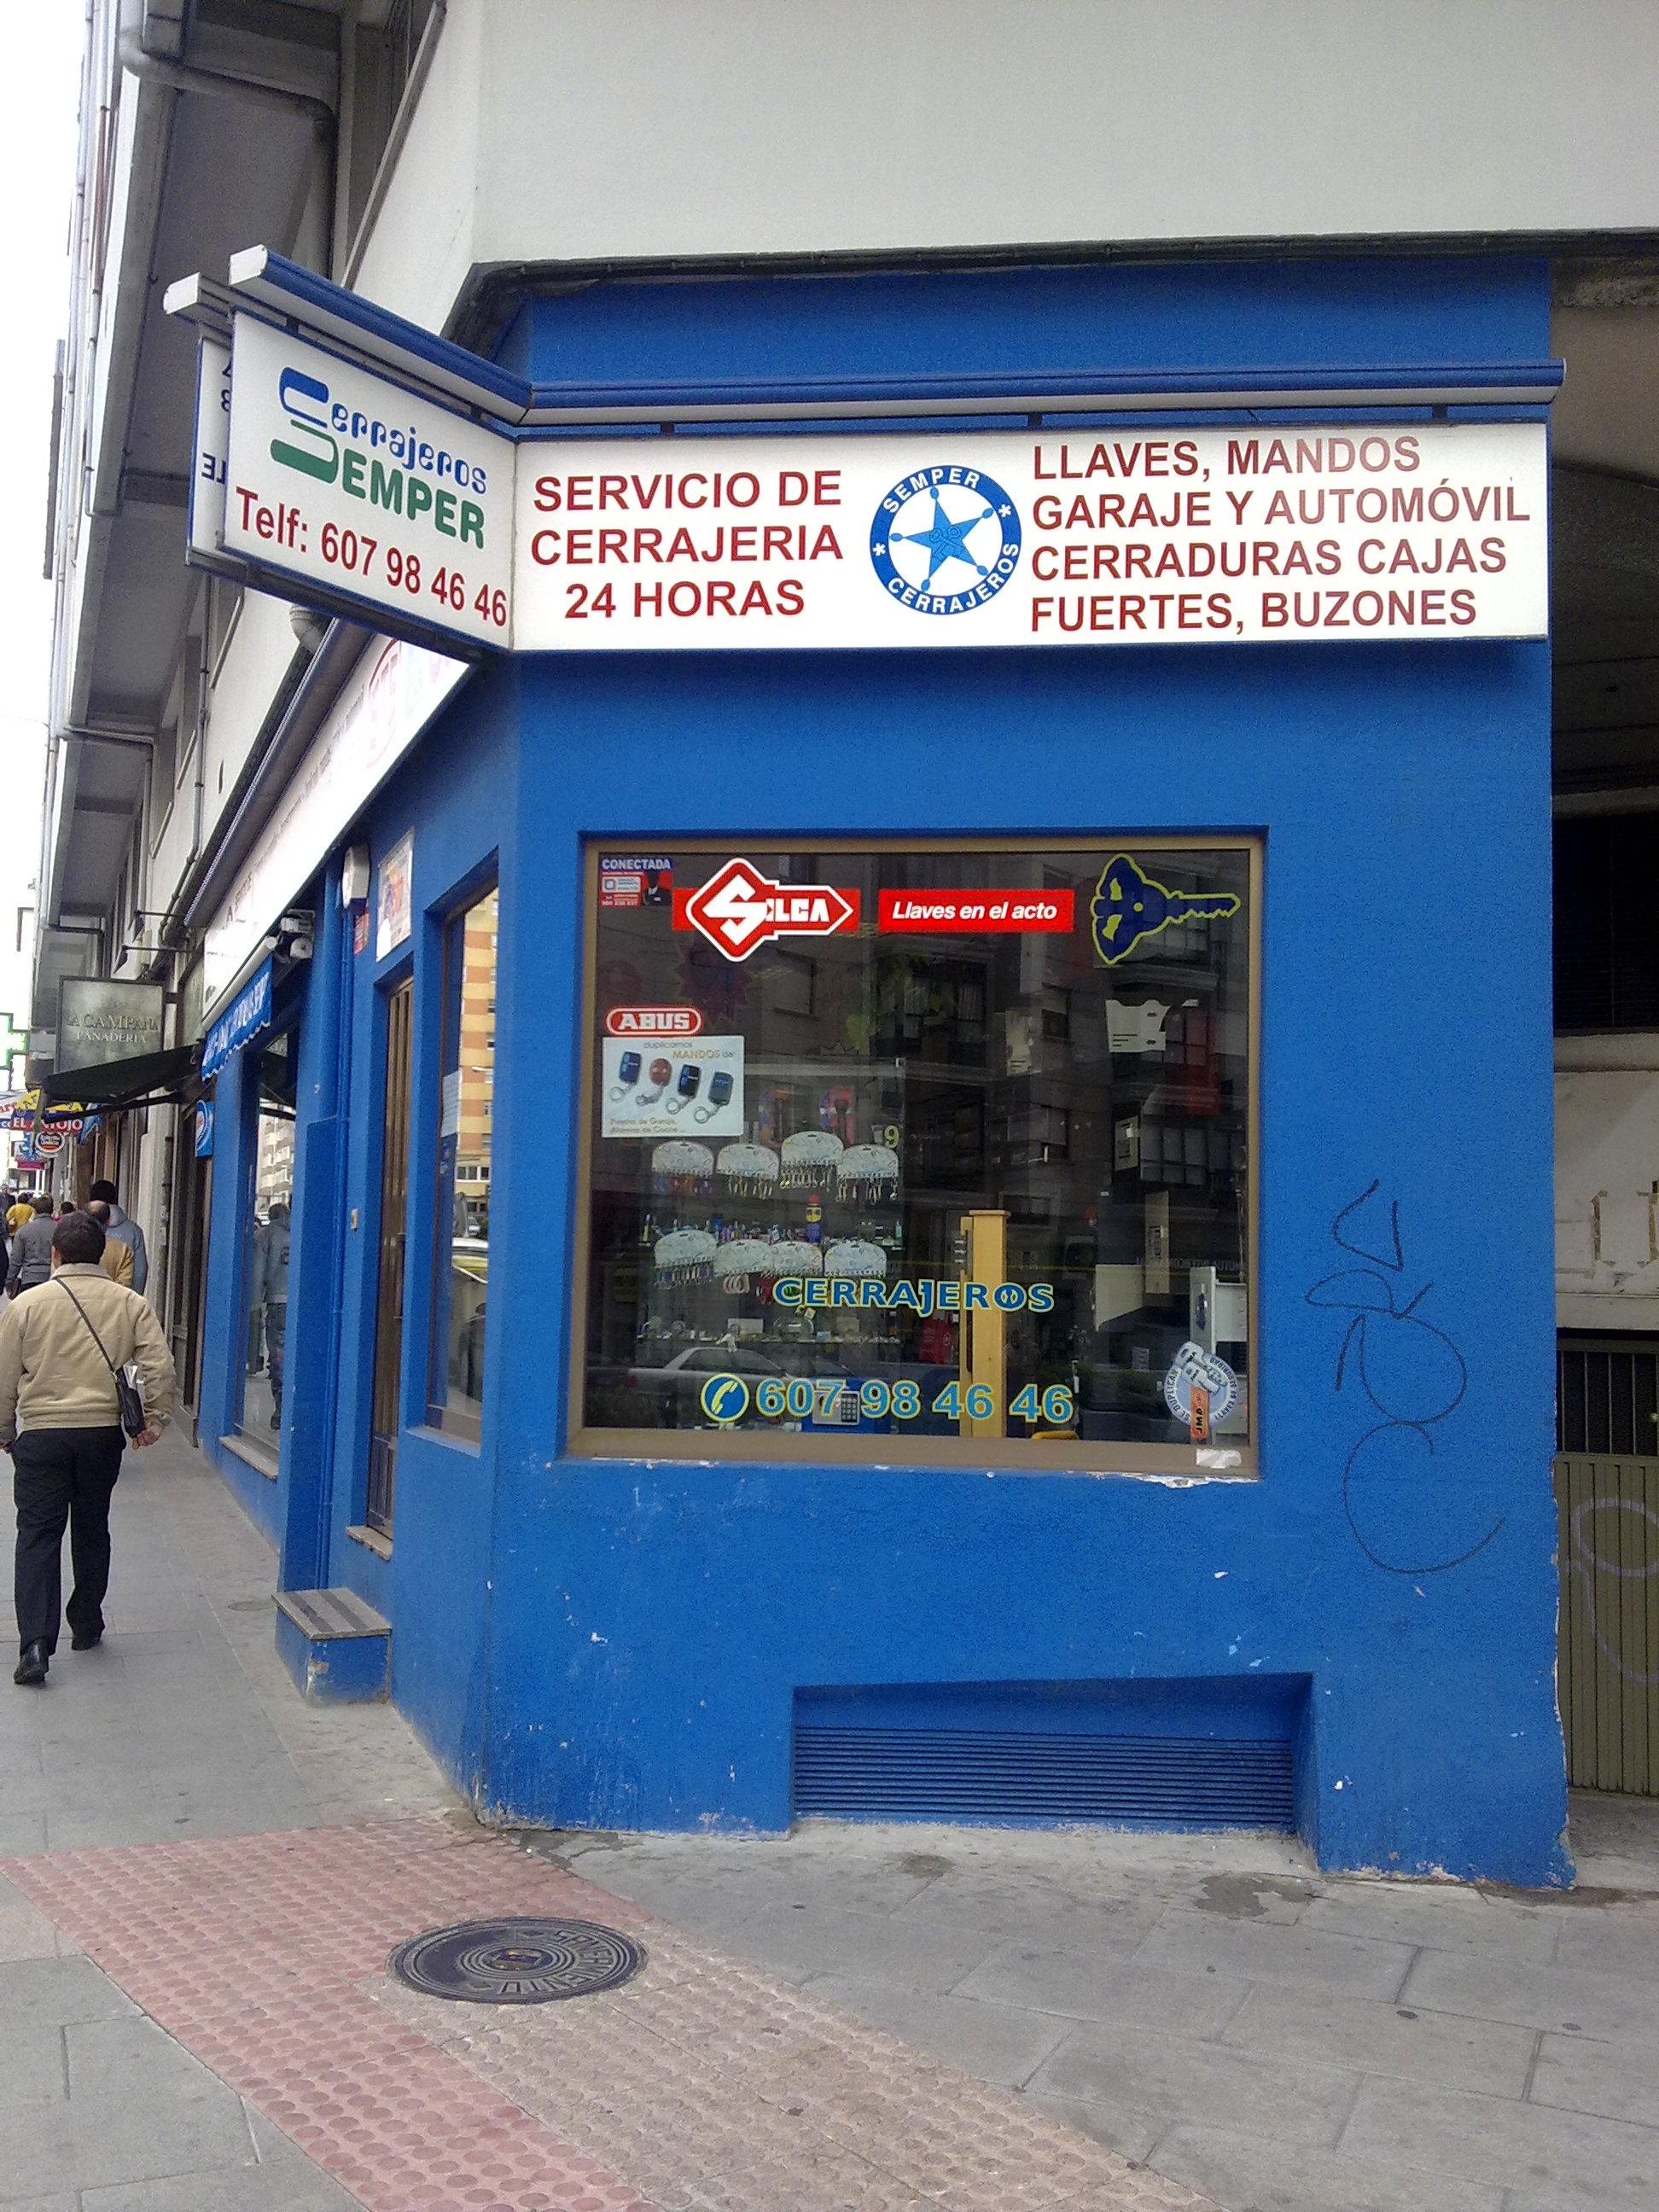 LLAVES Y MANDOS CORUÑA